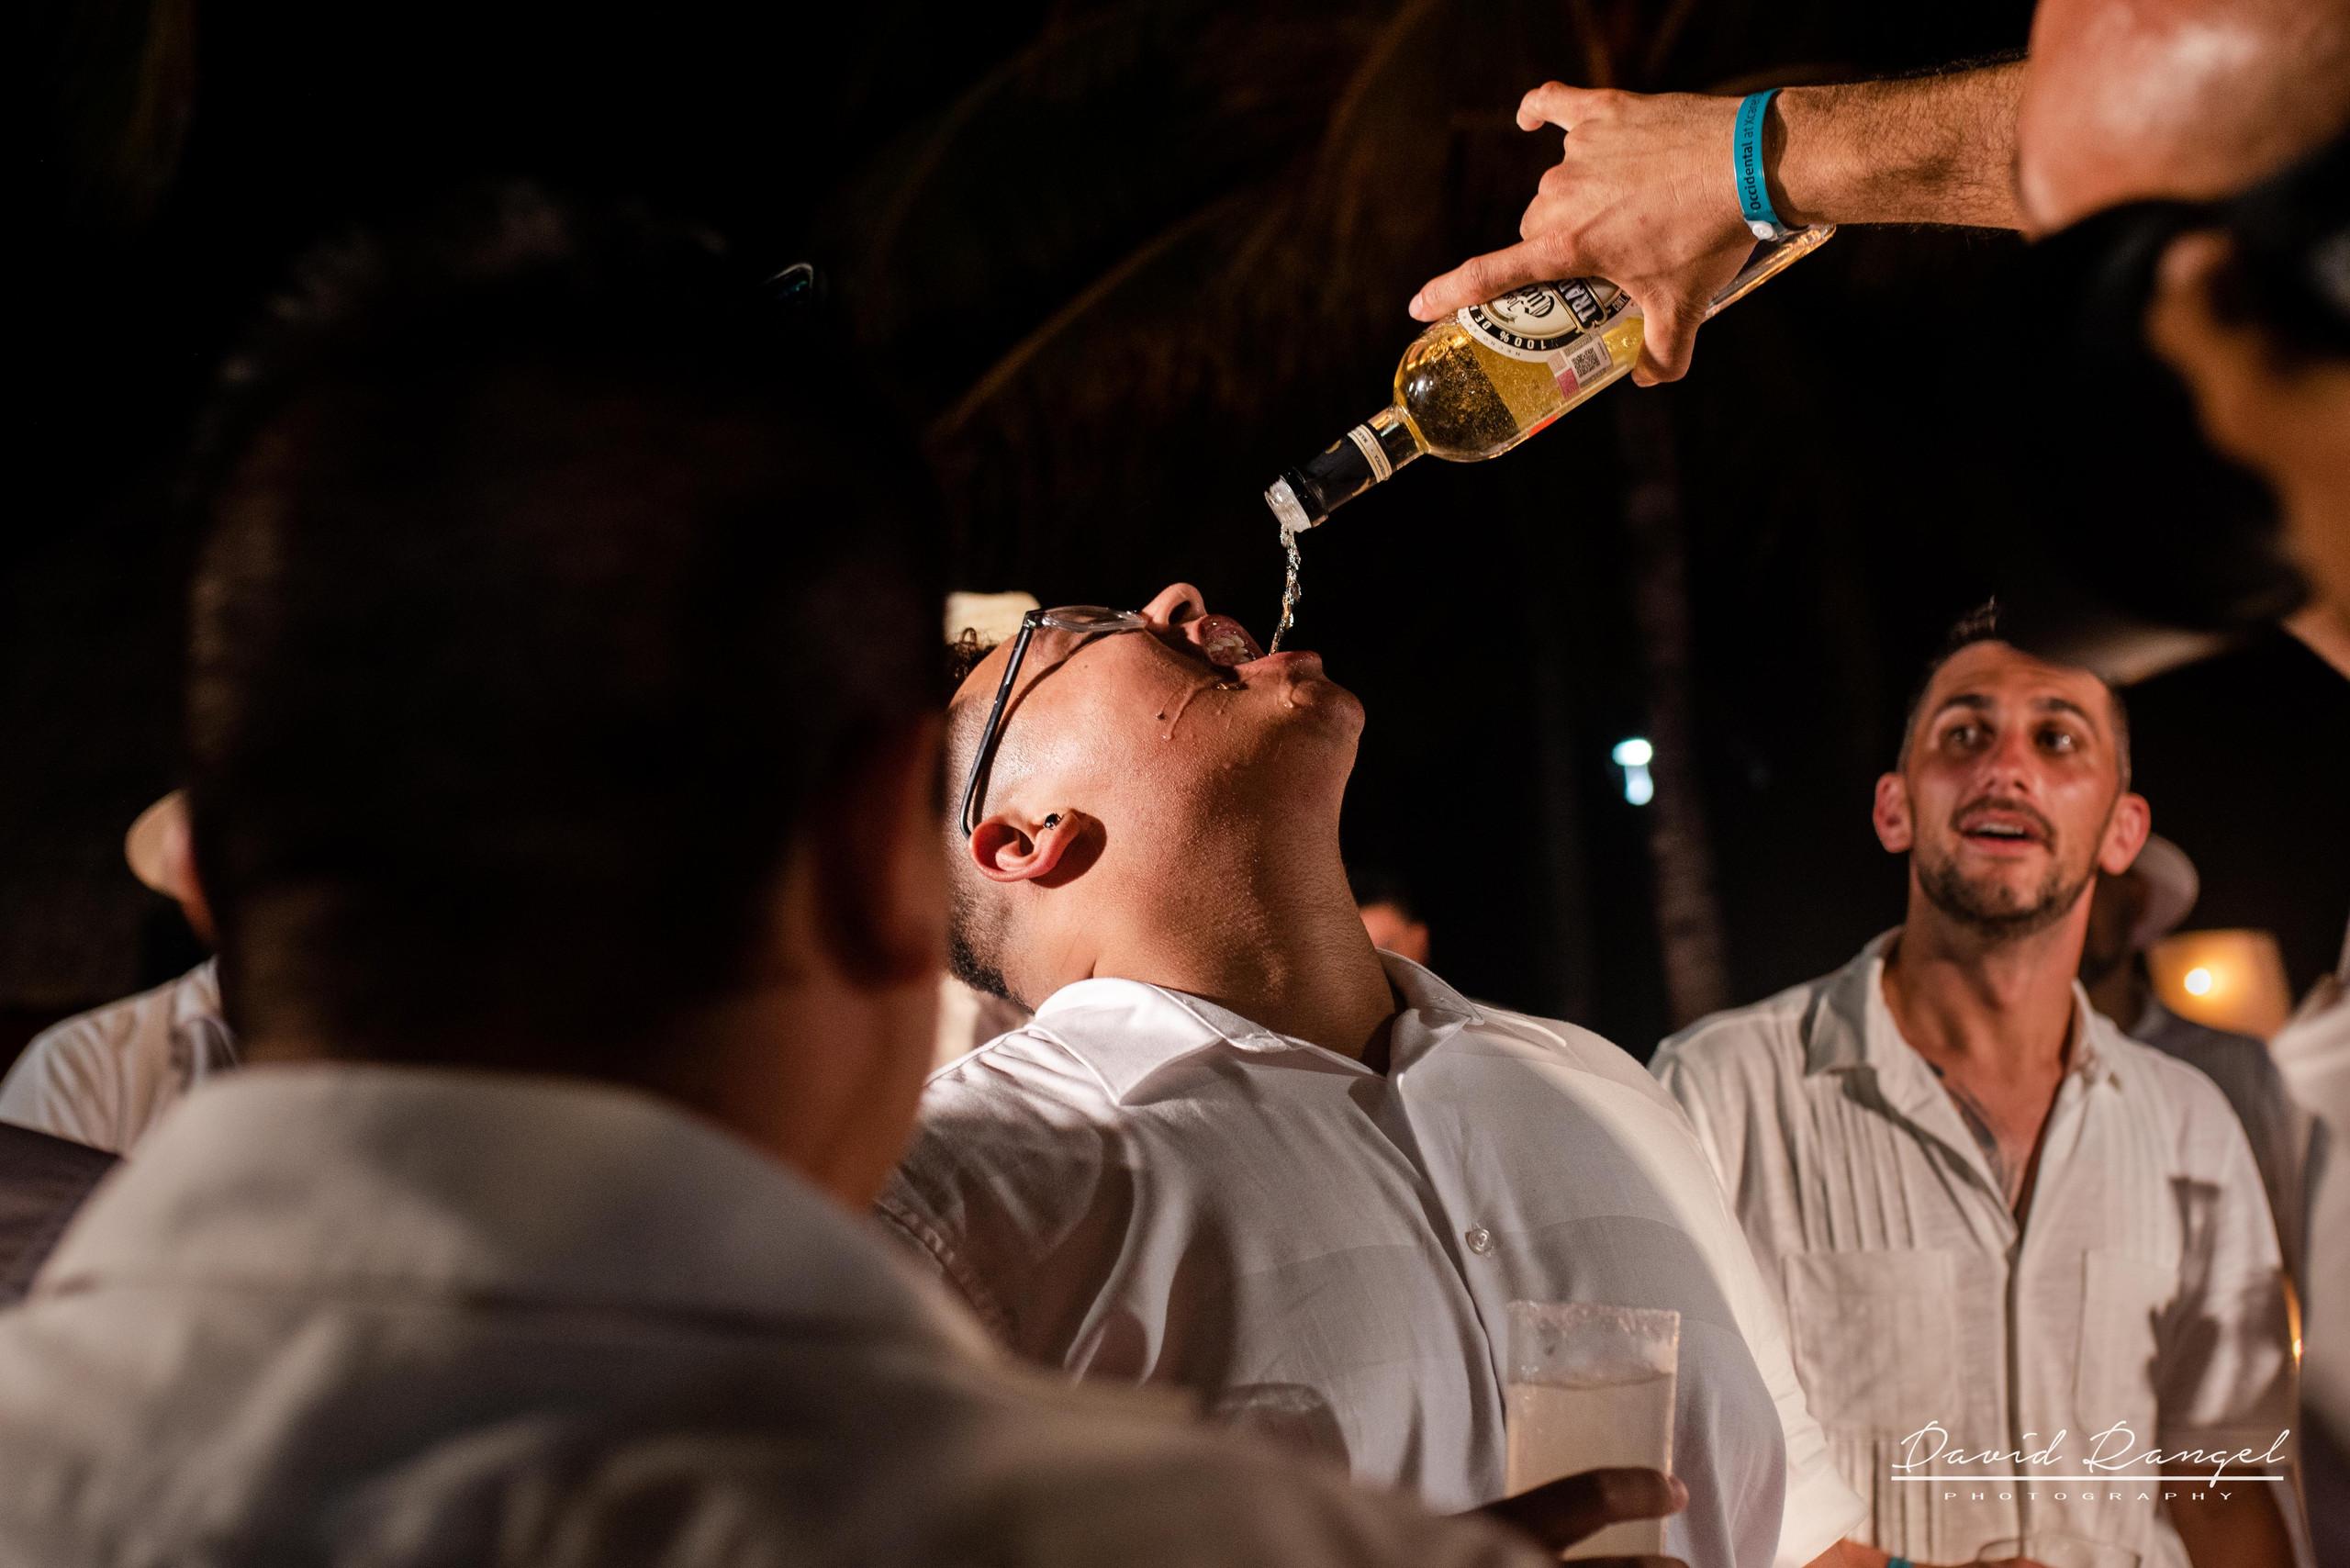 tequila+shot+wedding+party+dance+floor